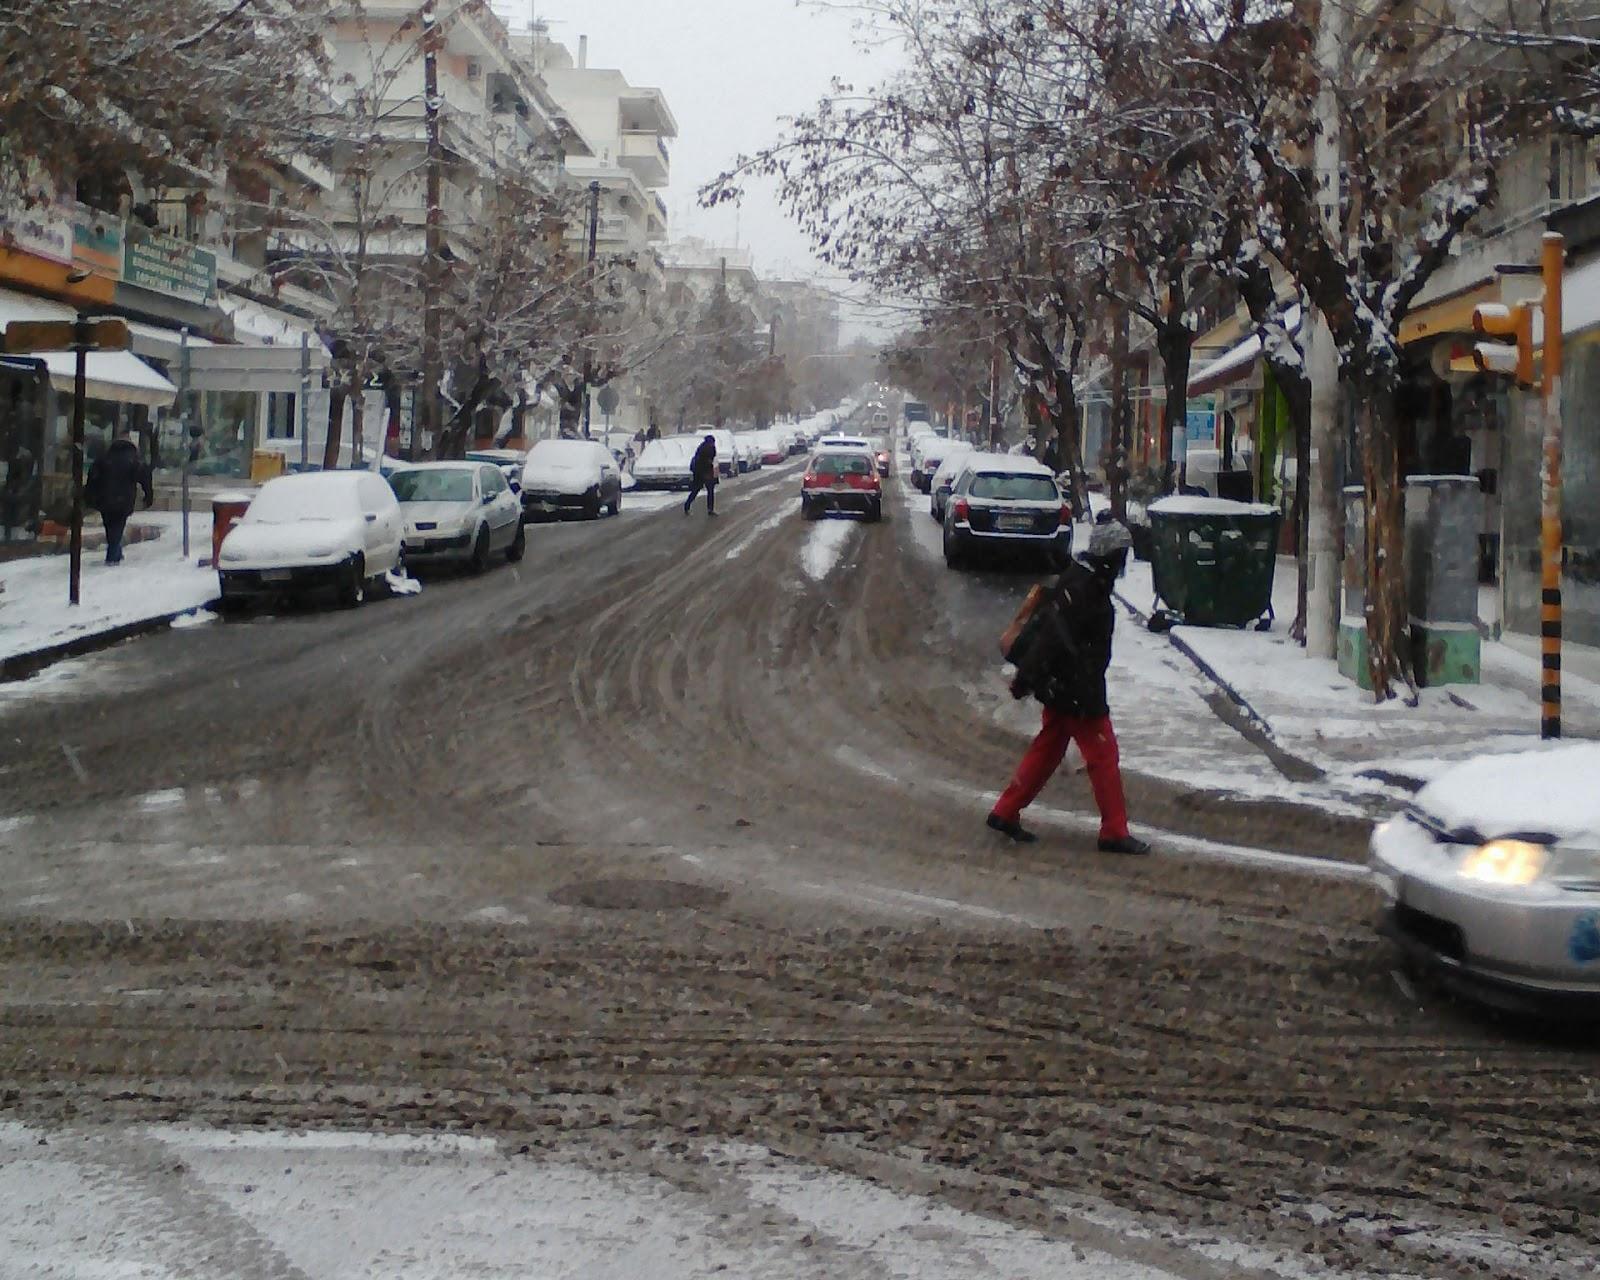 Κλειστά αύριο Πέμπτη τα σχολεία και οι δημοτικοί παιδικοί σταθμοί στον Δήμο Θεσσαλονίκης